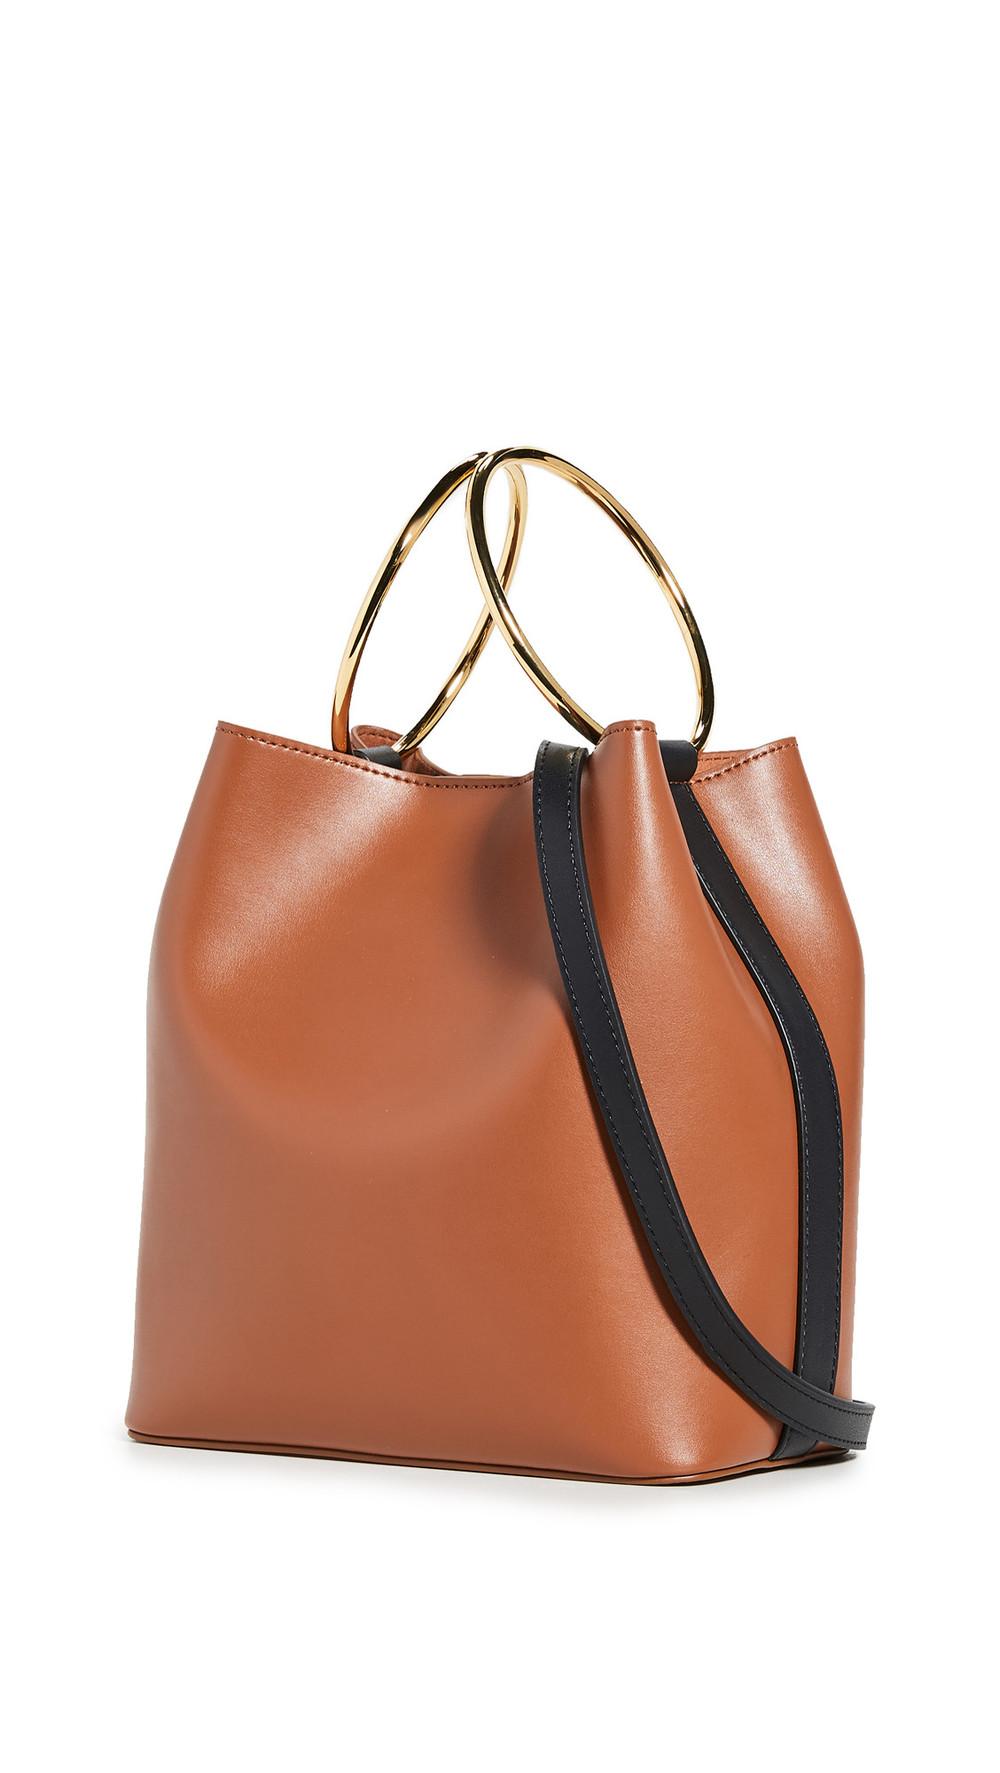 Parisa Wang Hooked Bucket Bag in brown